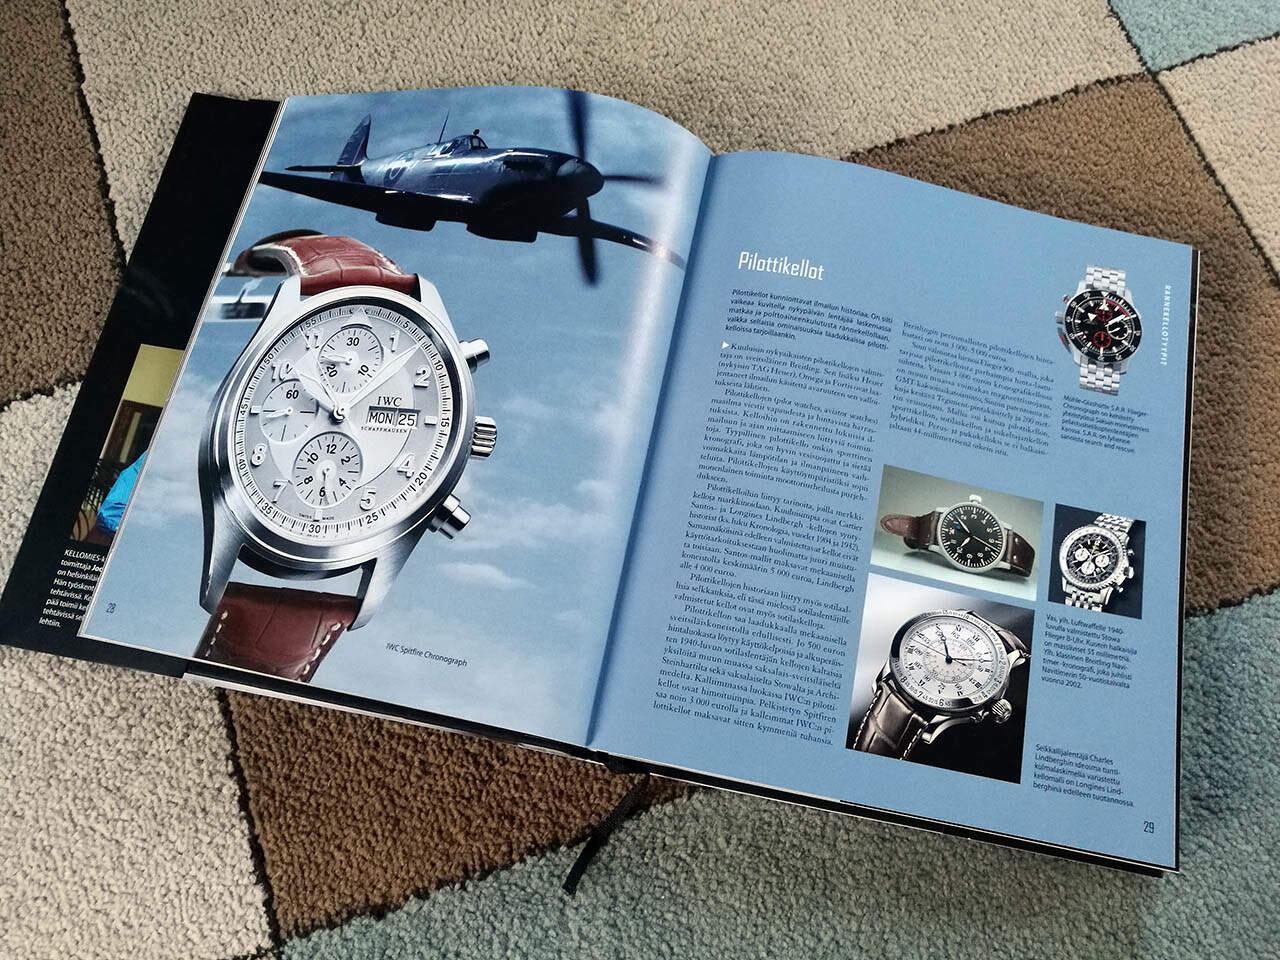 Kiitos Kellomies-kirjan, unelmieni rannekello on IWC Spitfire Chronograph.